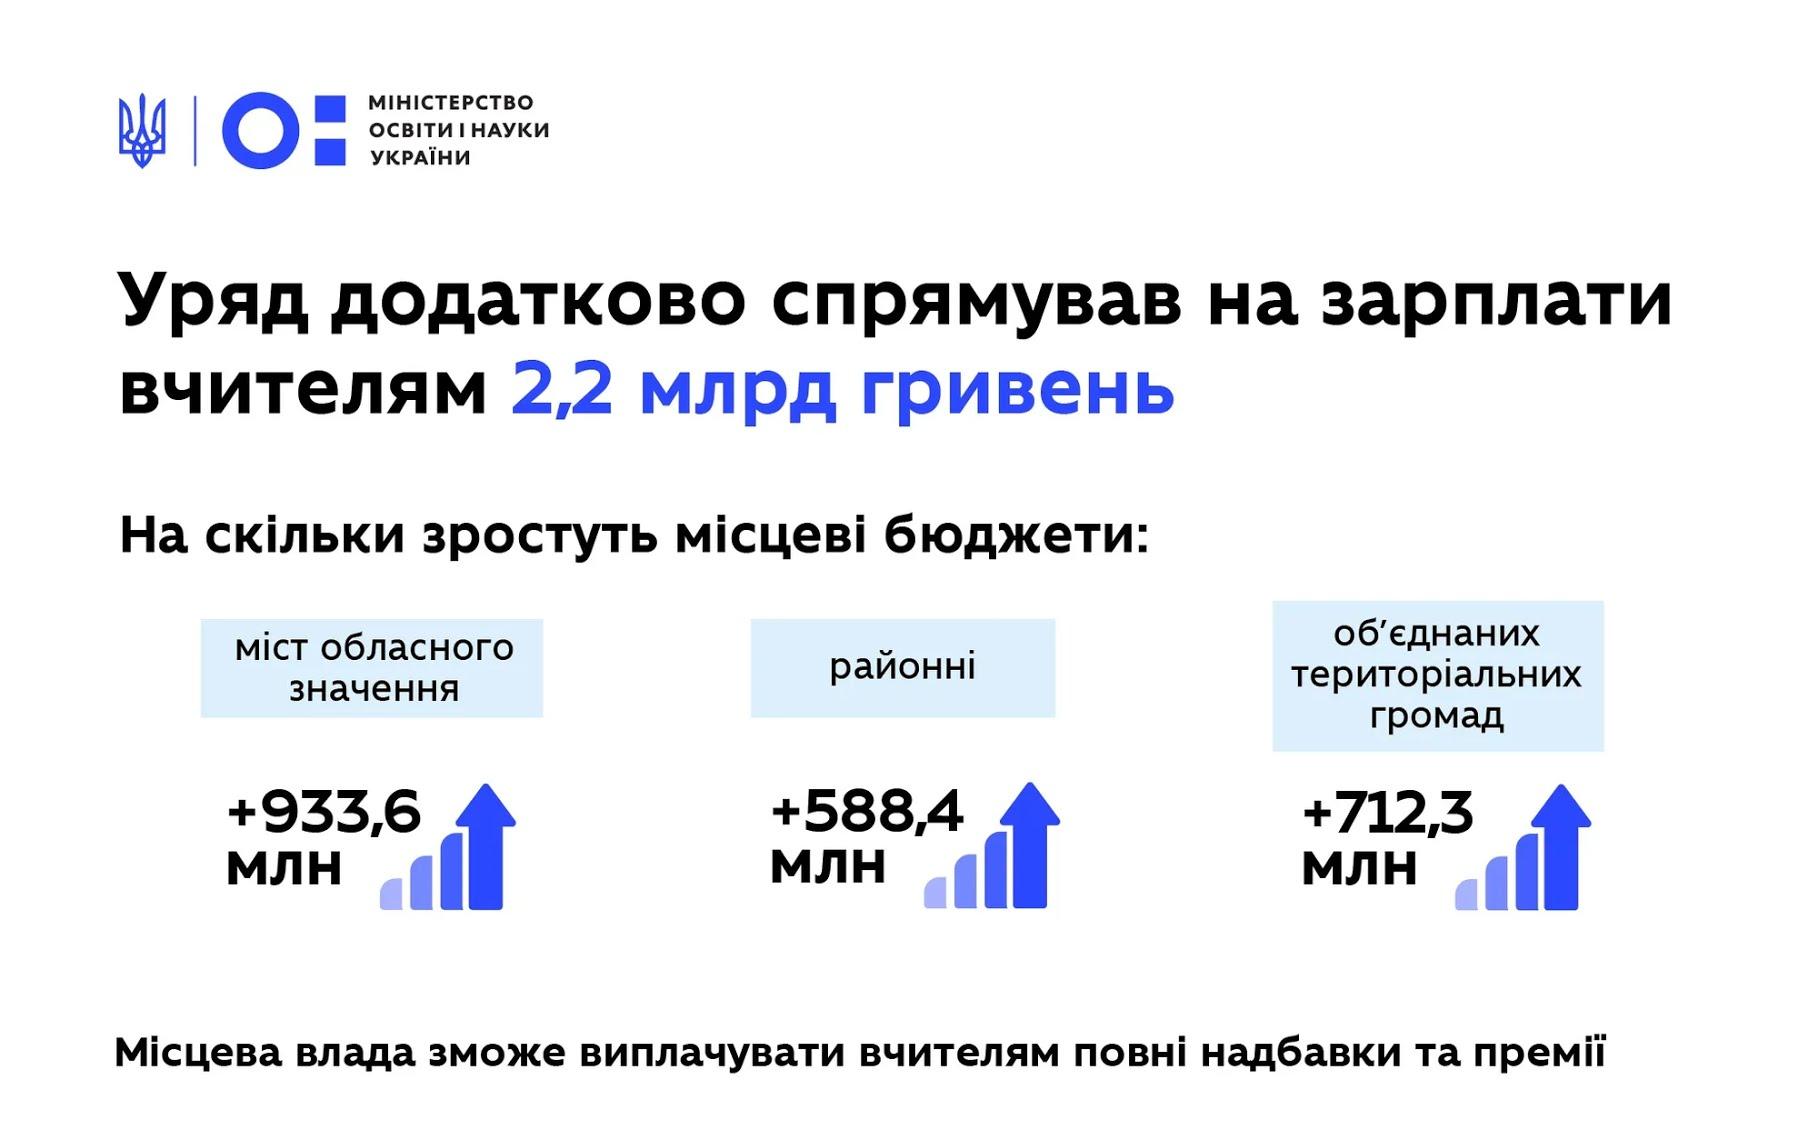 Кабмин выделил местным бюджетам 2,2 млрд грн на надбавки учителям